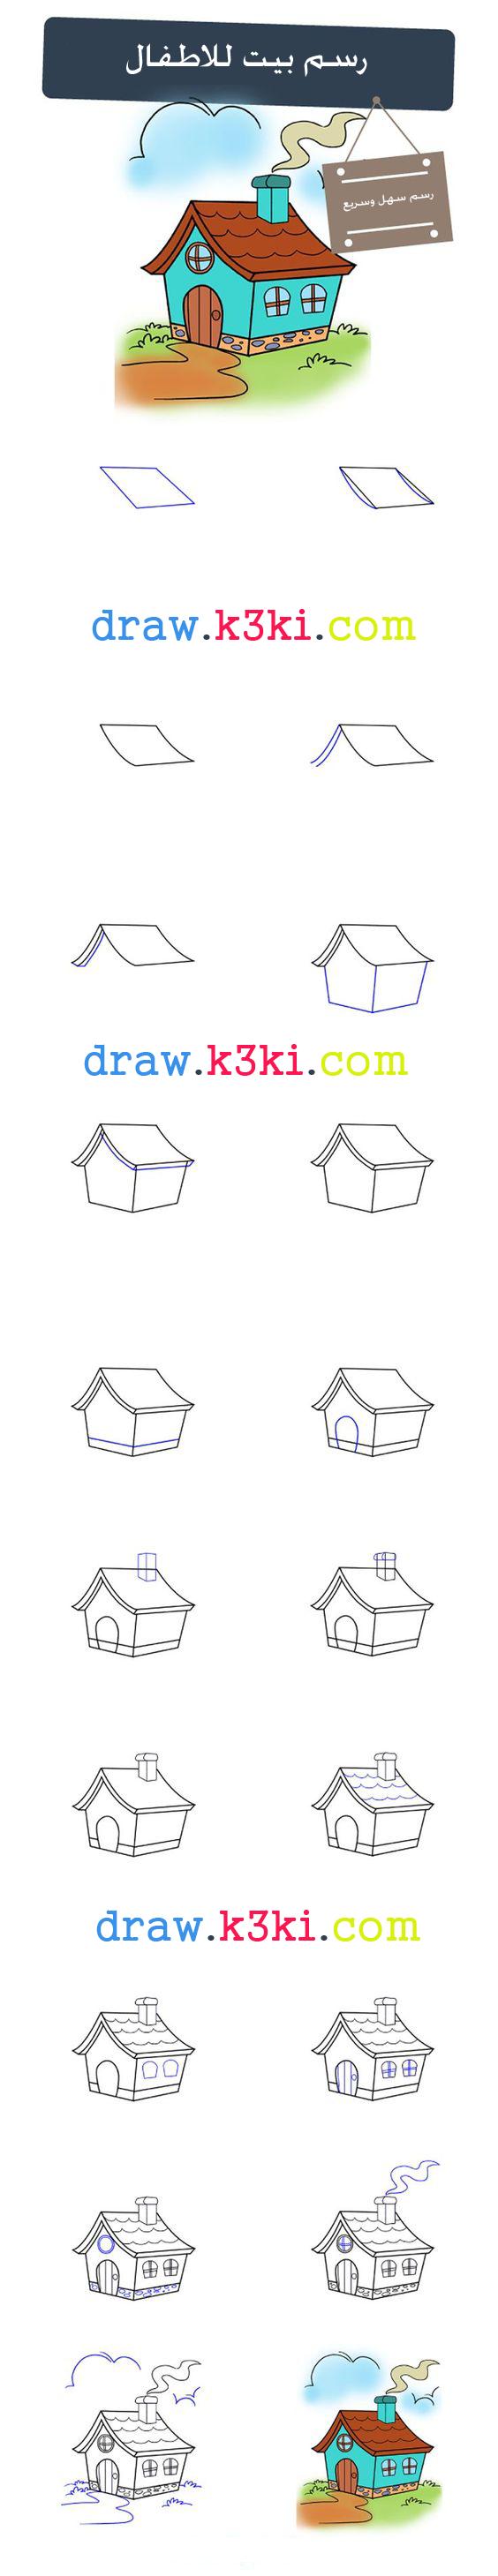 طريقة رسم بيت للأطفال